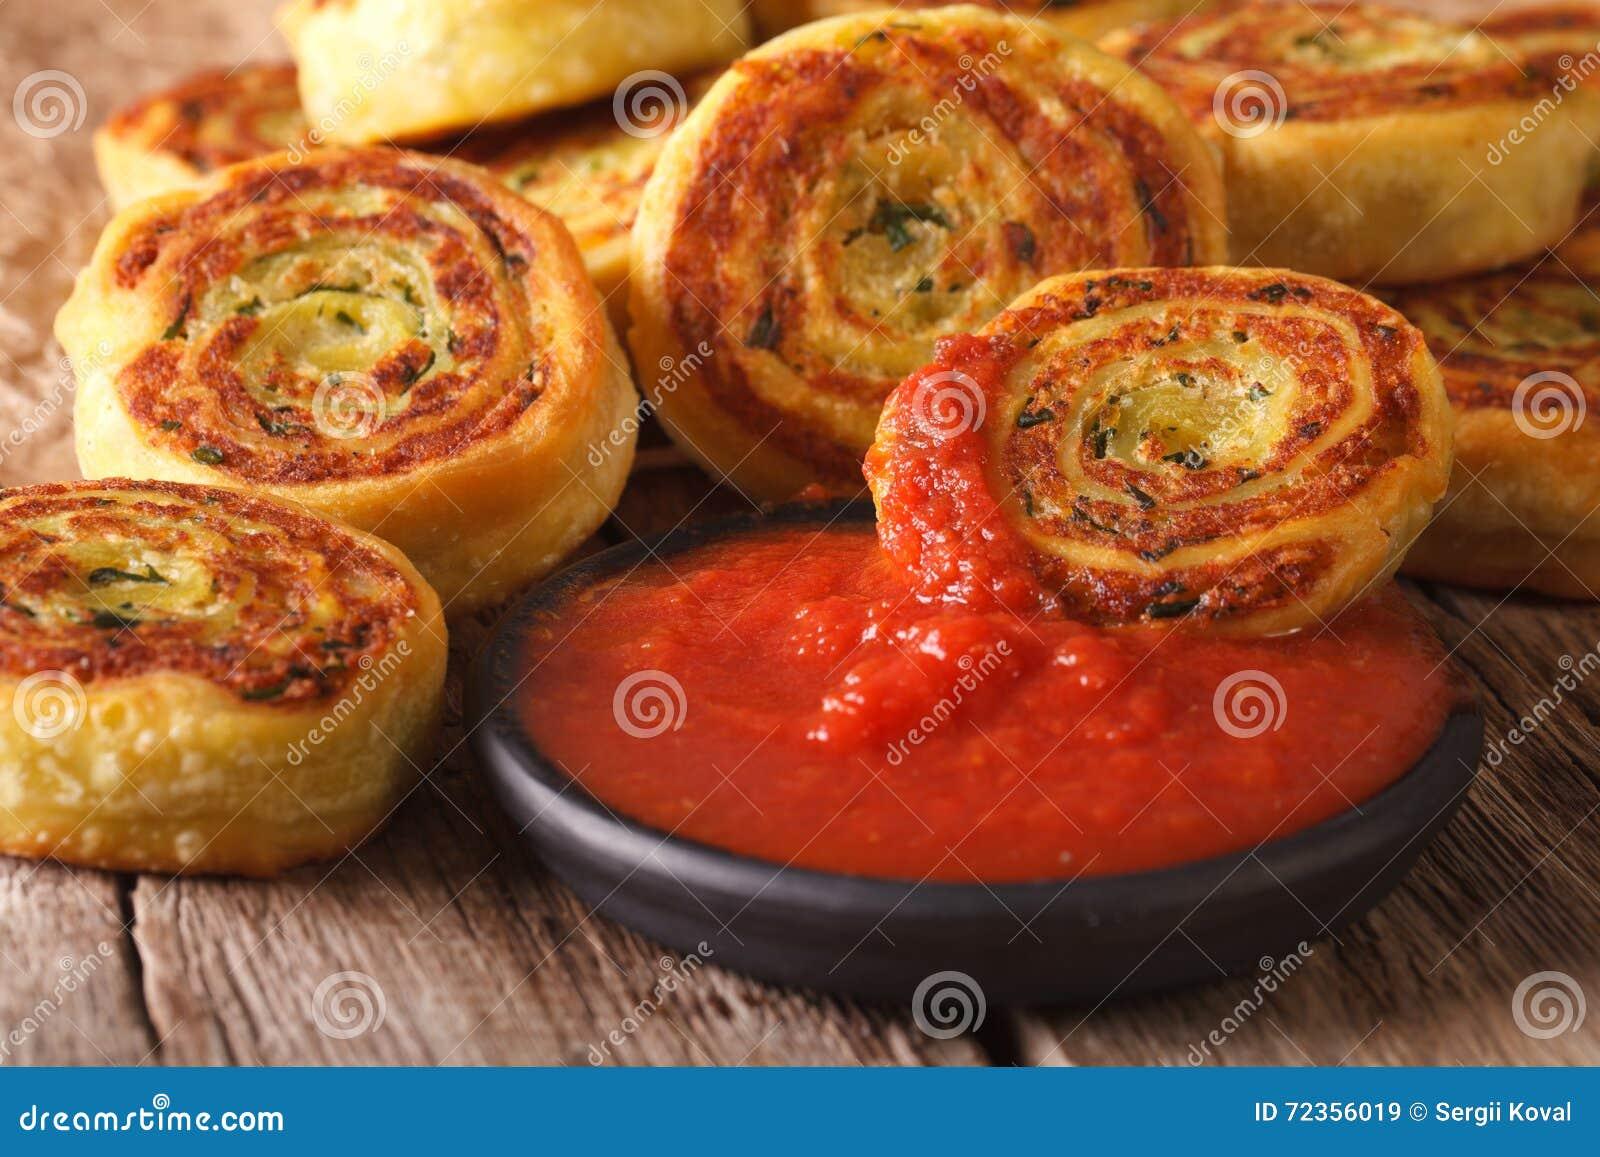 鲜美切的土豆滚动与蕃茄酸辣调味品特写镜头 horizont